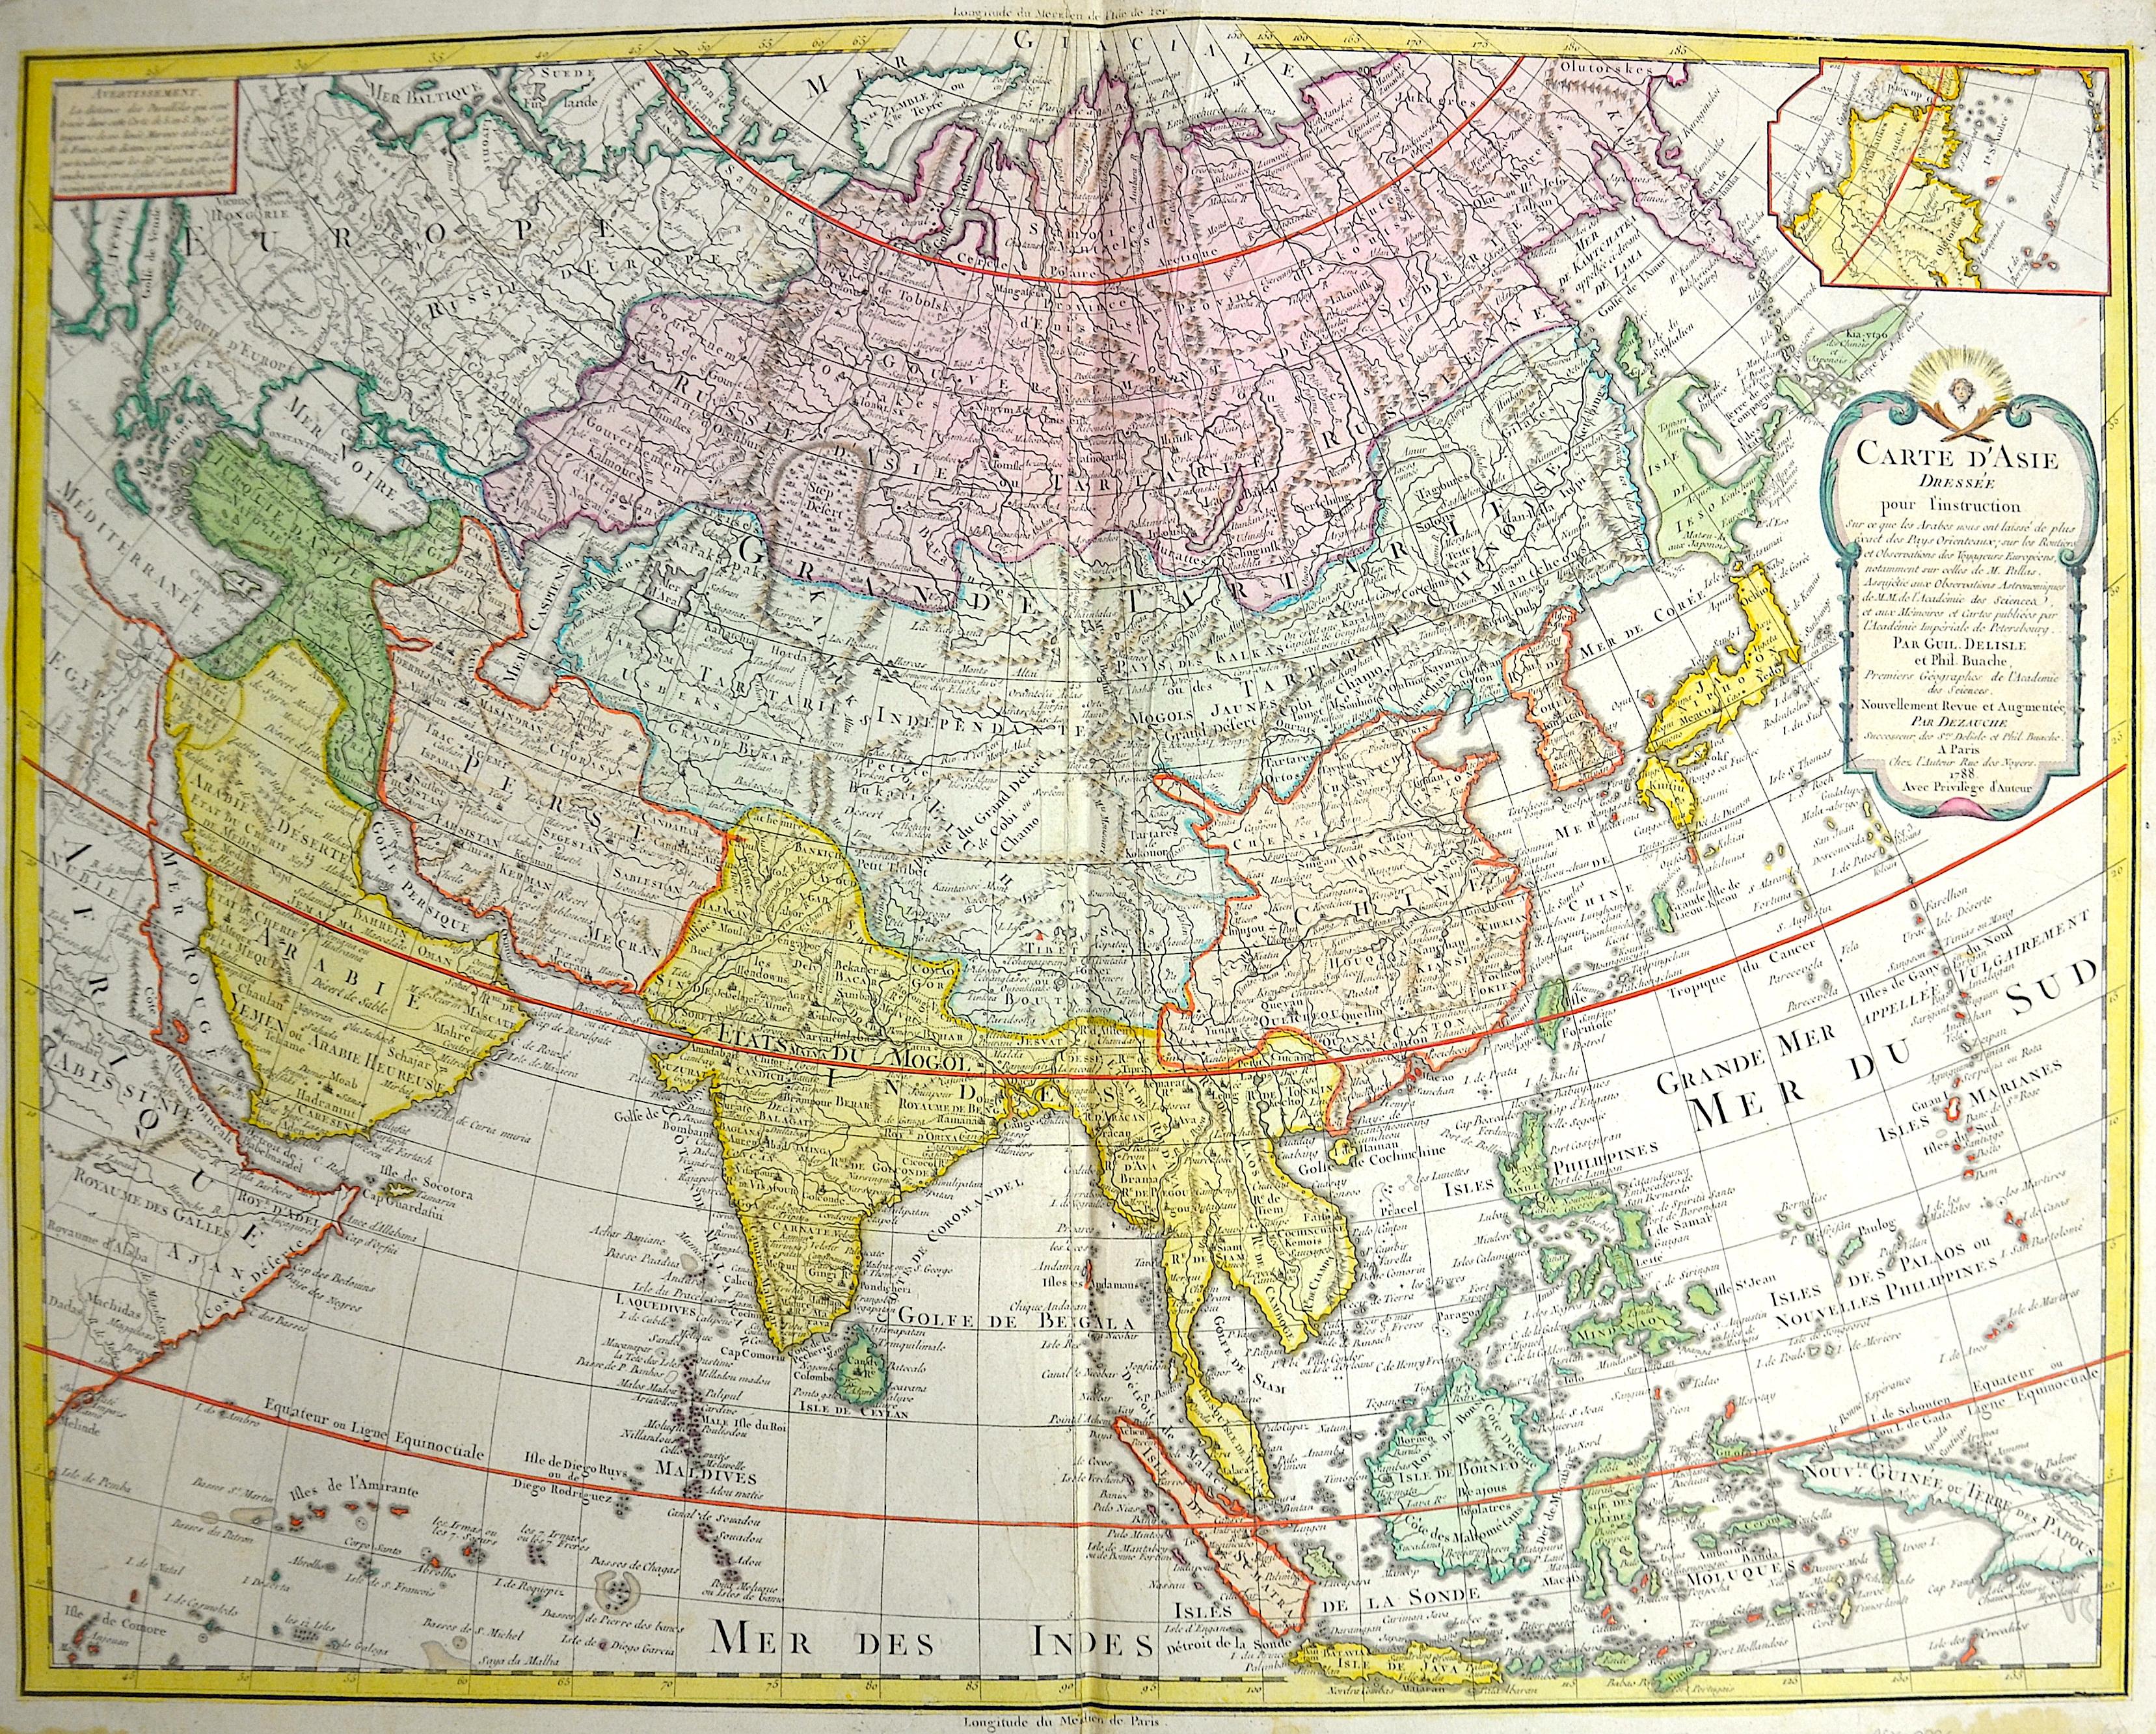 Dezauche/de l´Isle,  Carte d' Asie dressee pour l'instruction…